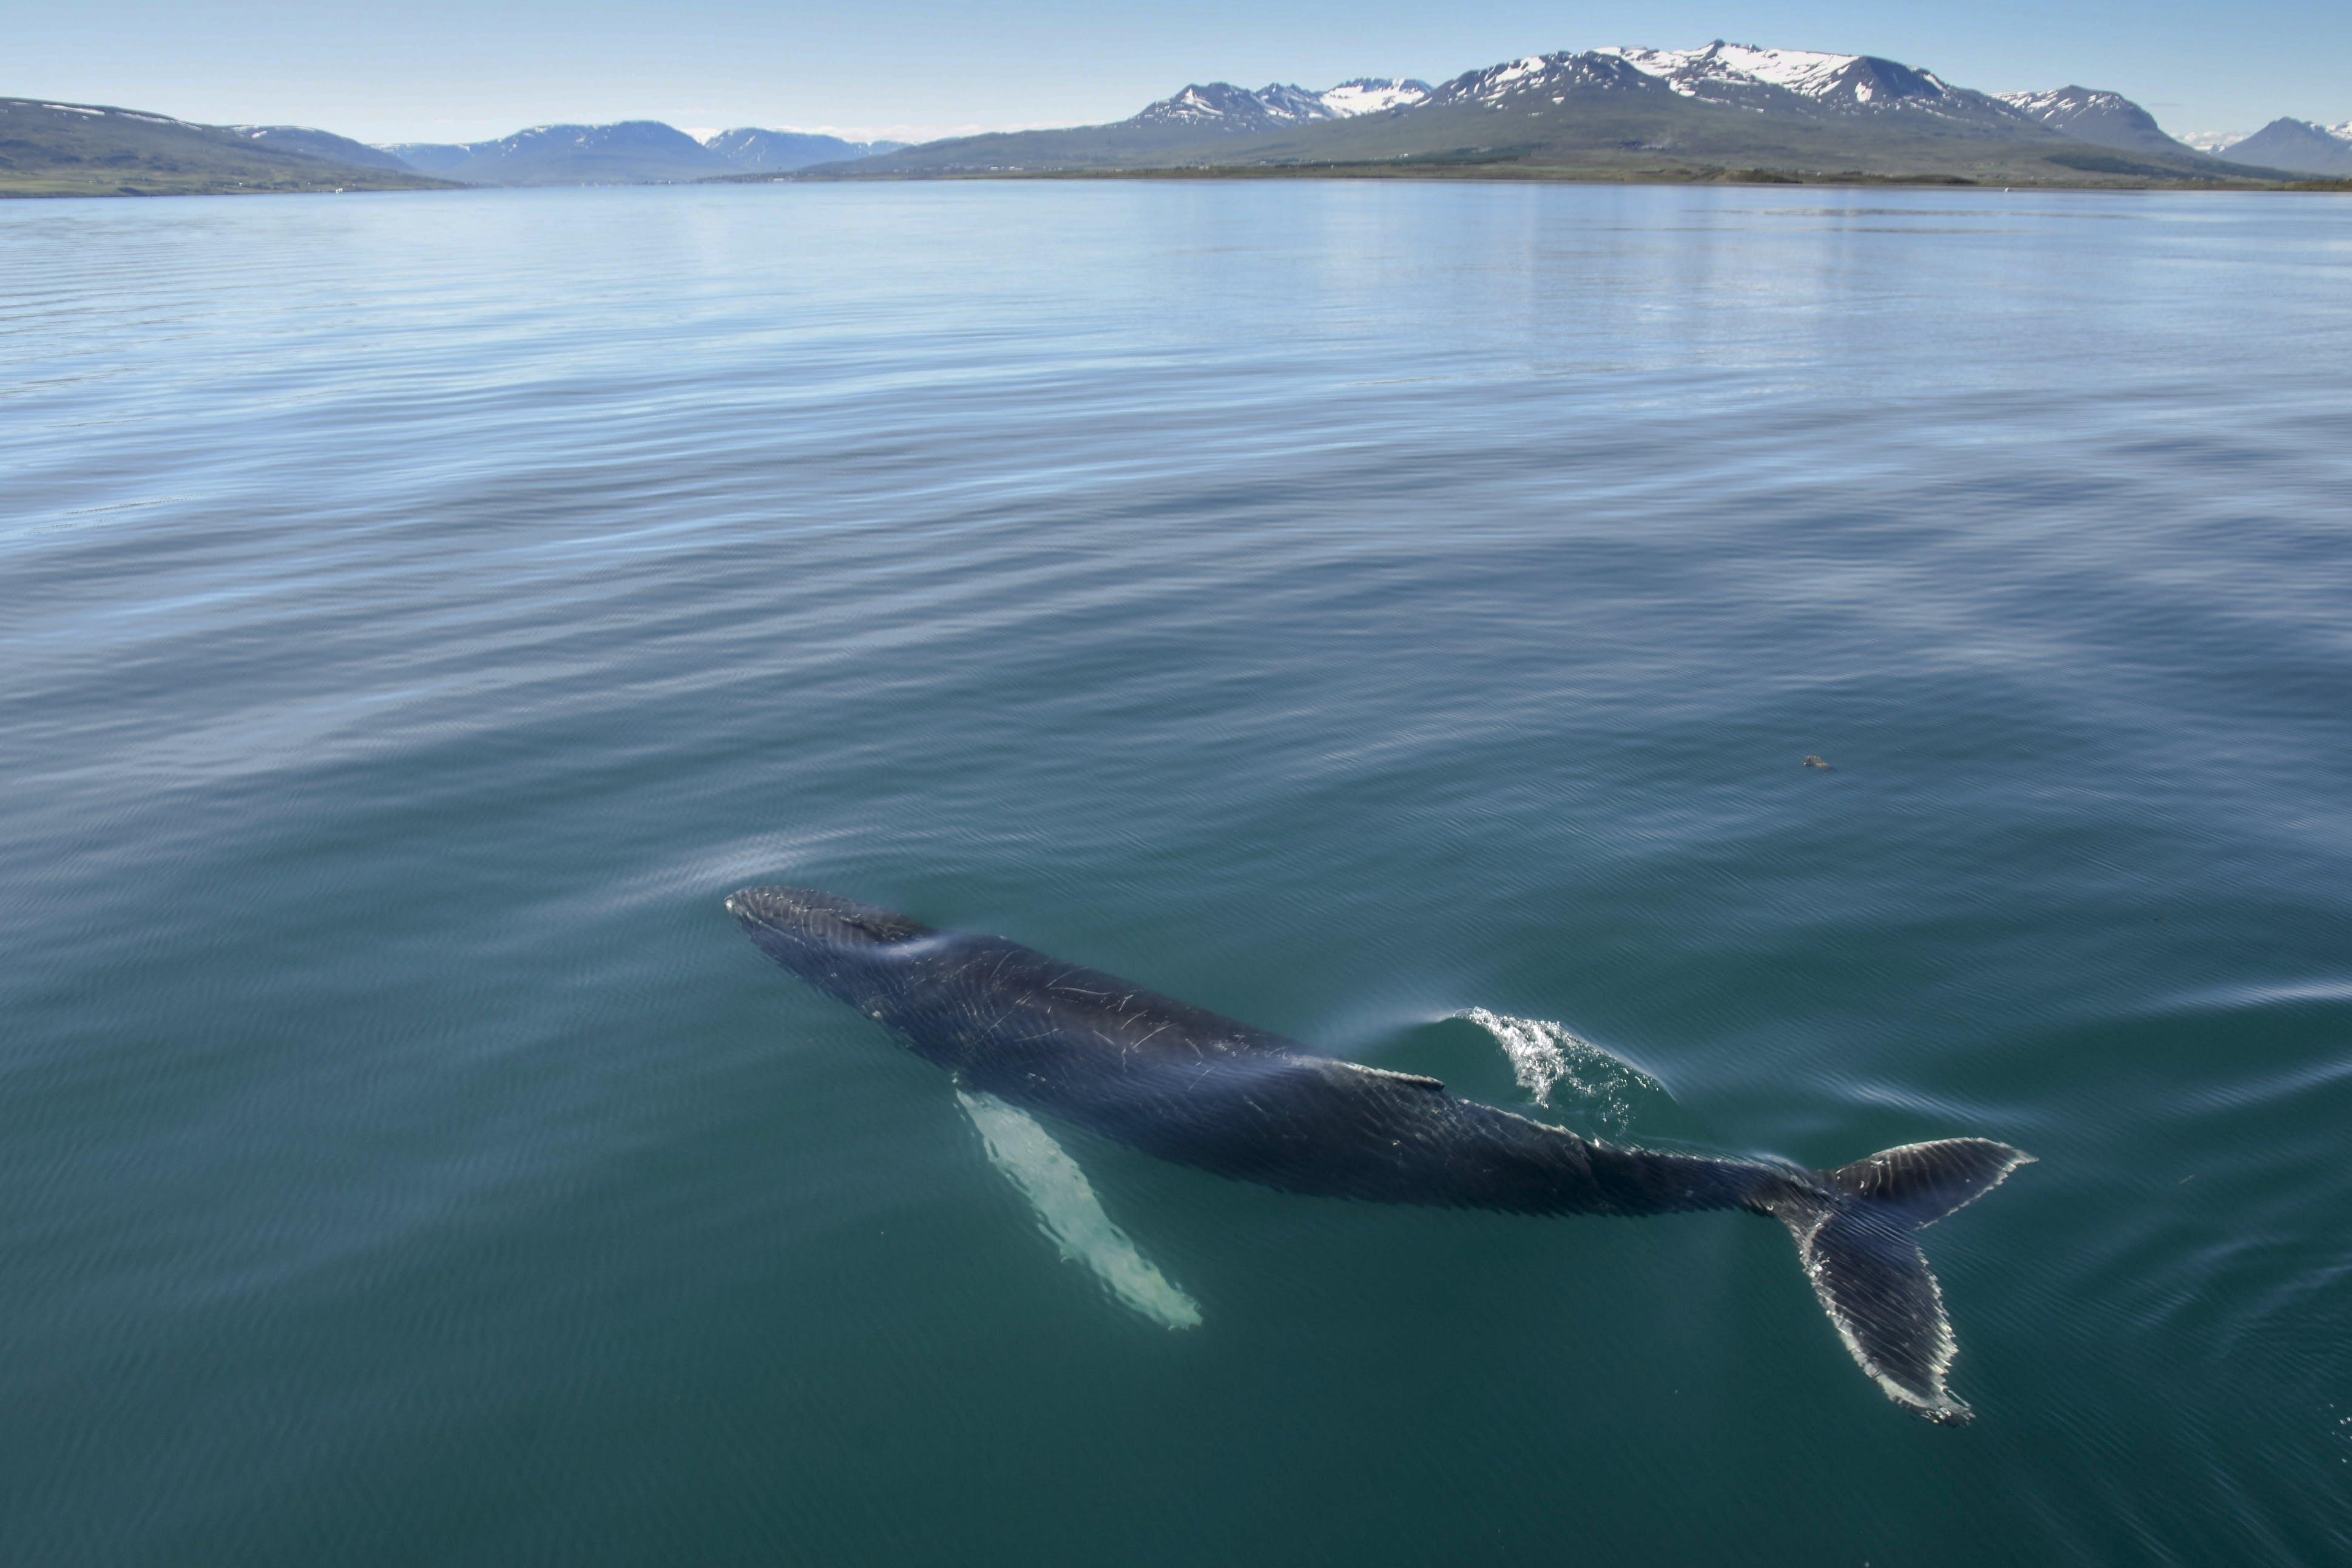 您可以从冰岛北部首都阿克雷里出发,参加观鲸旅行团